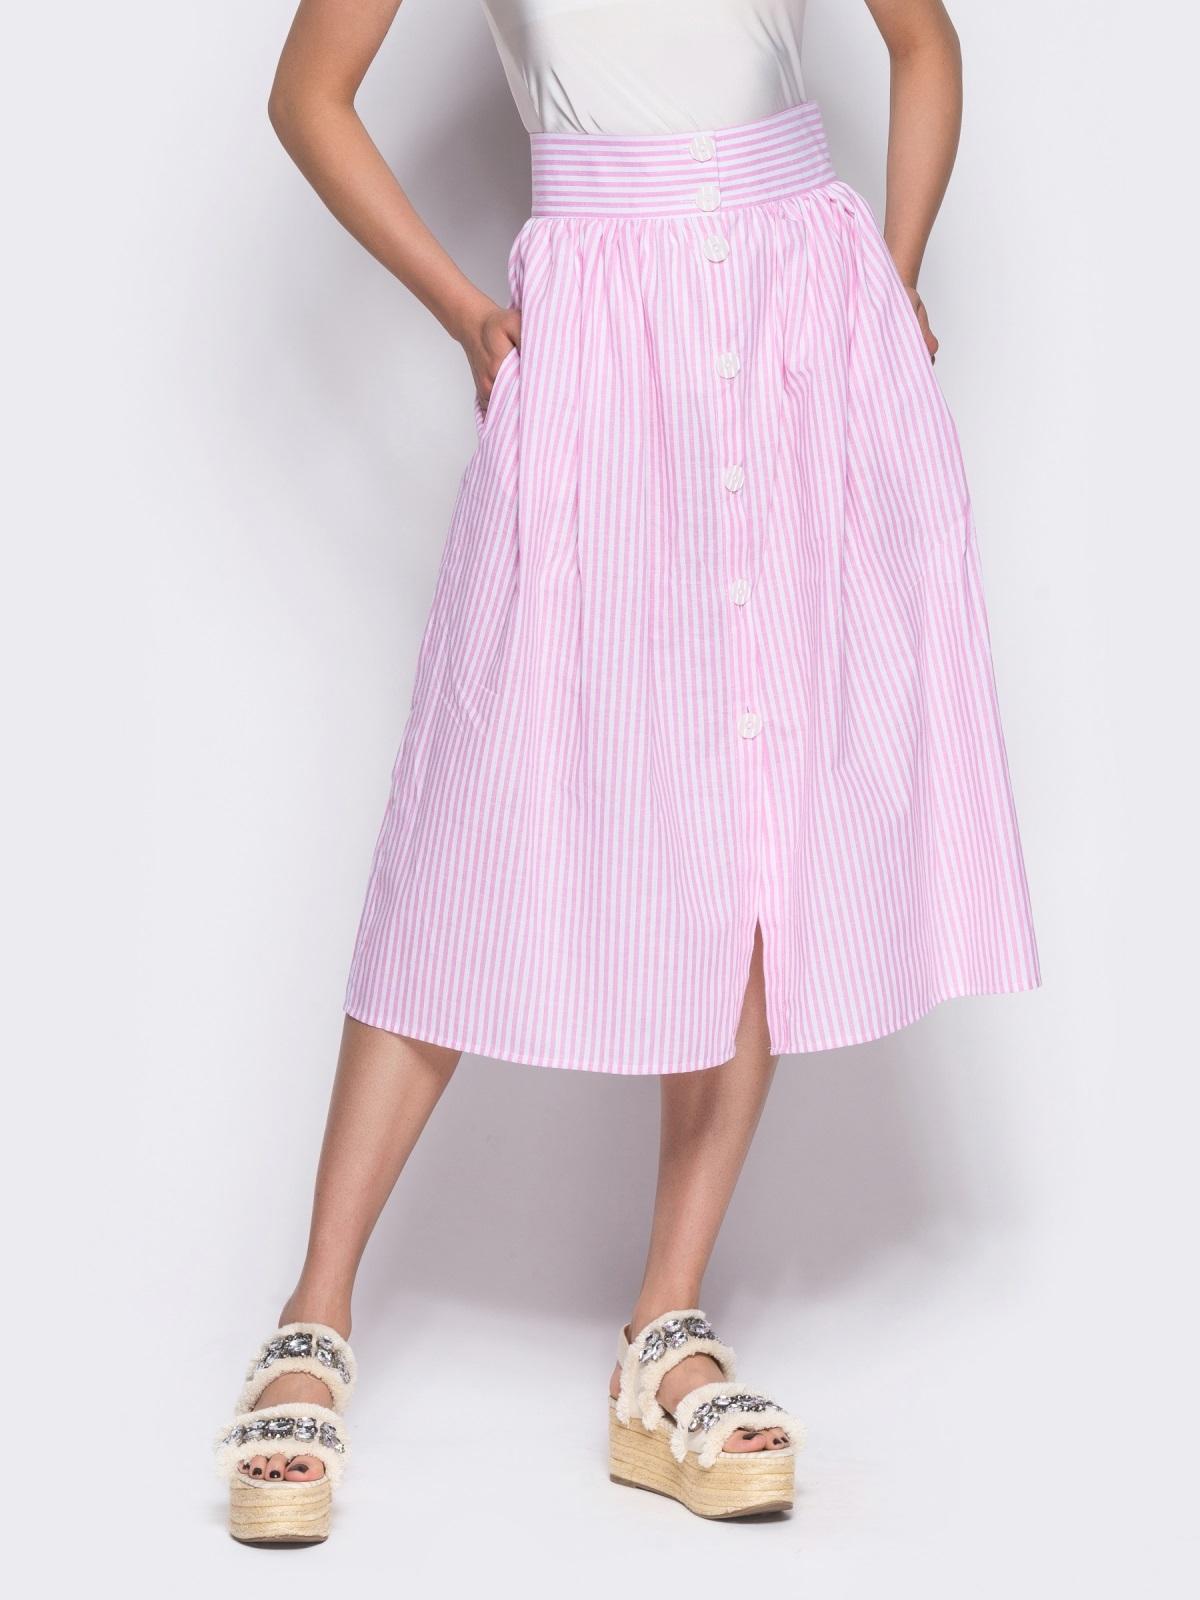 Юбка-миди на пуговицах розовая - 12167, фото 4 – интернет-магазин Dressa